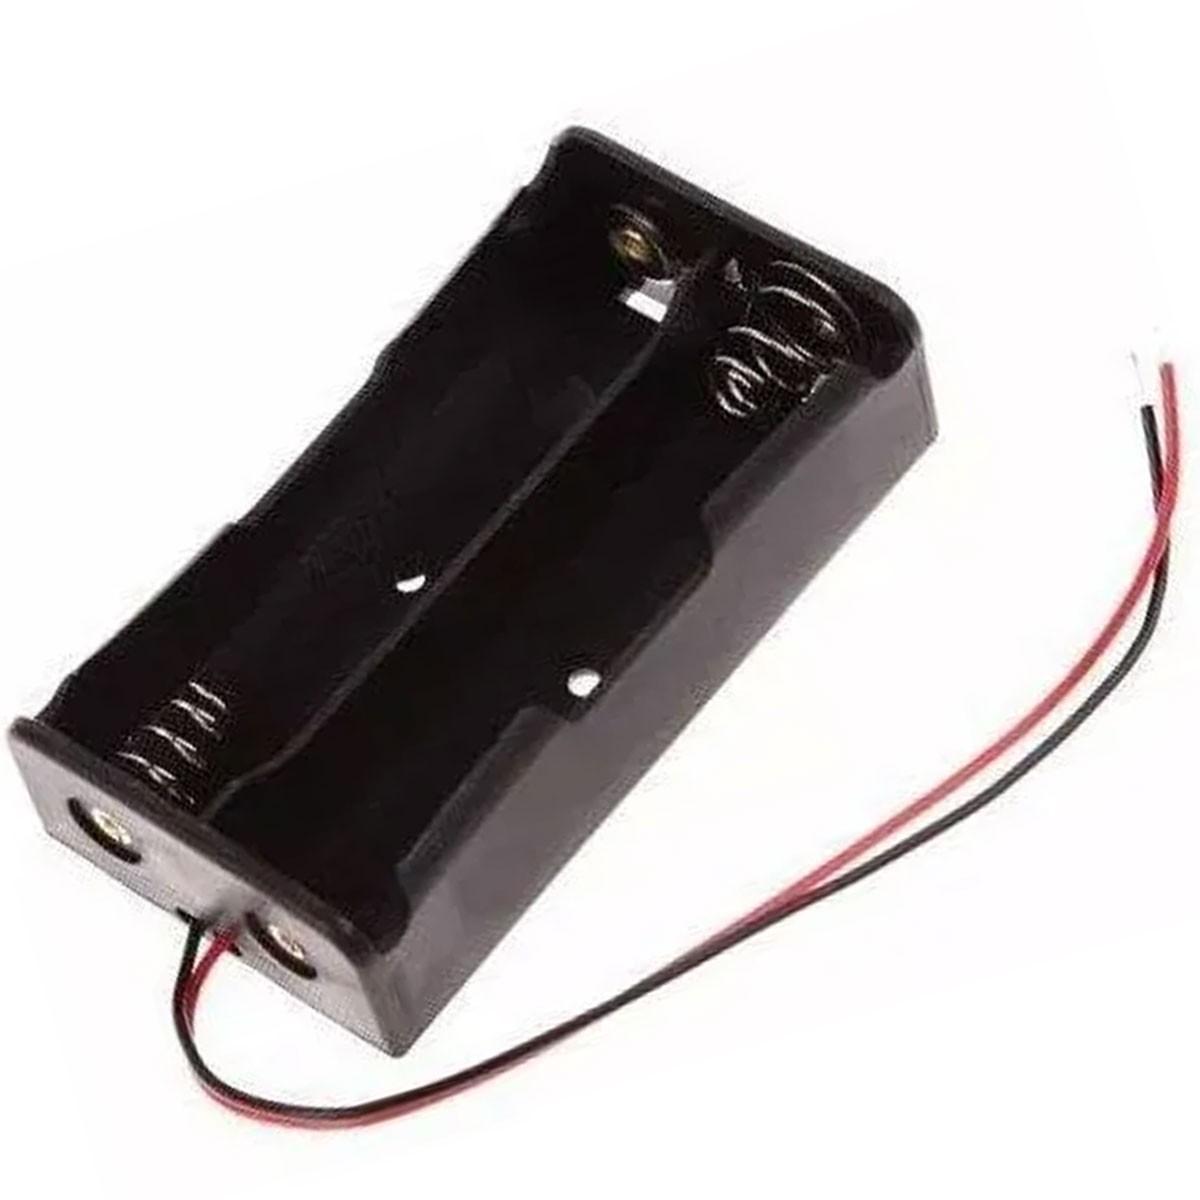 Suporte / Soquete para 2 Baterias 18650